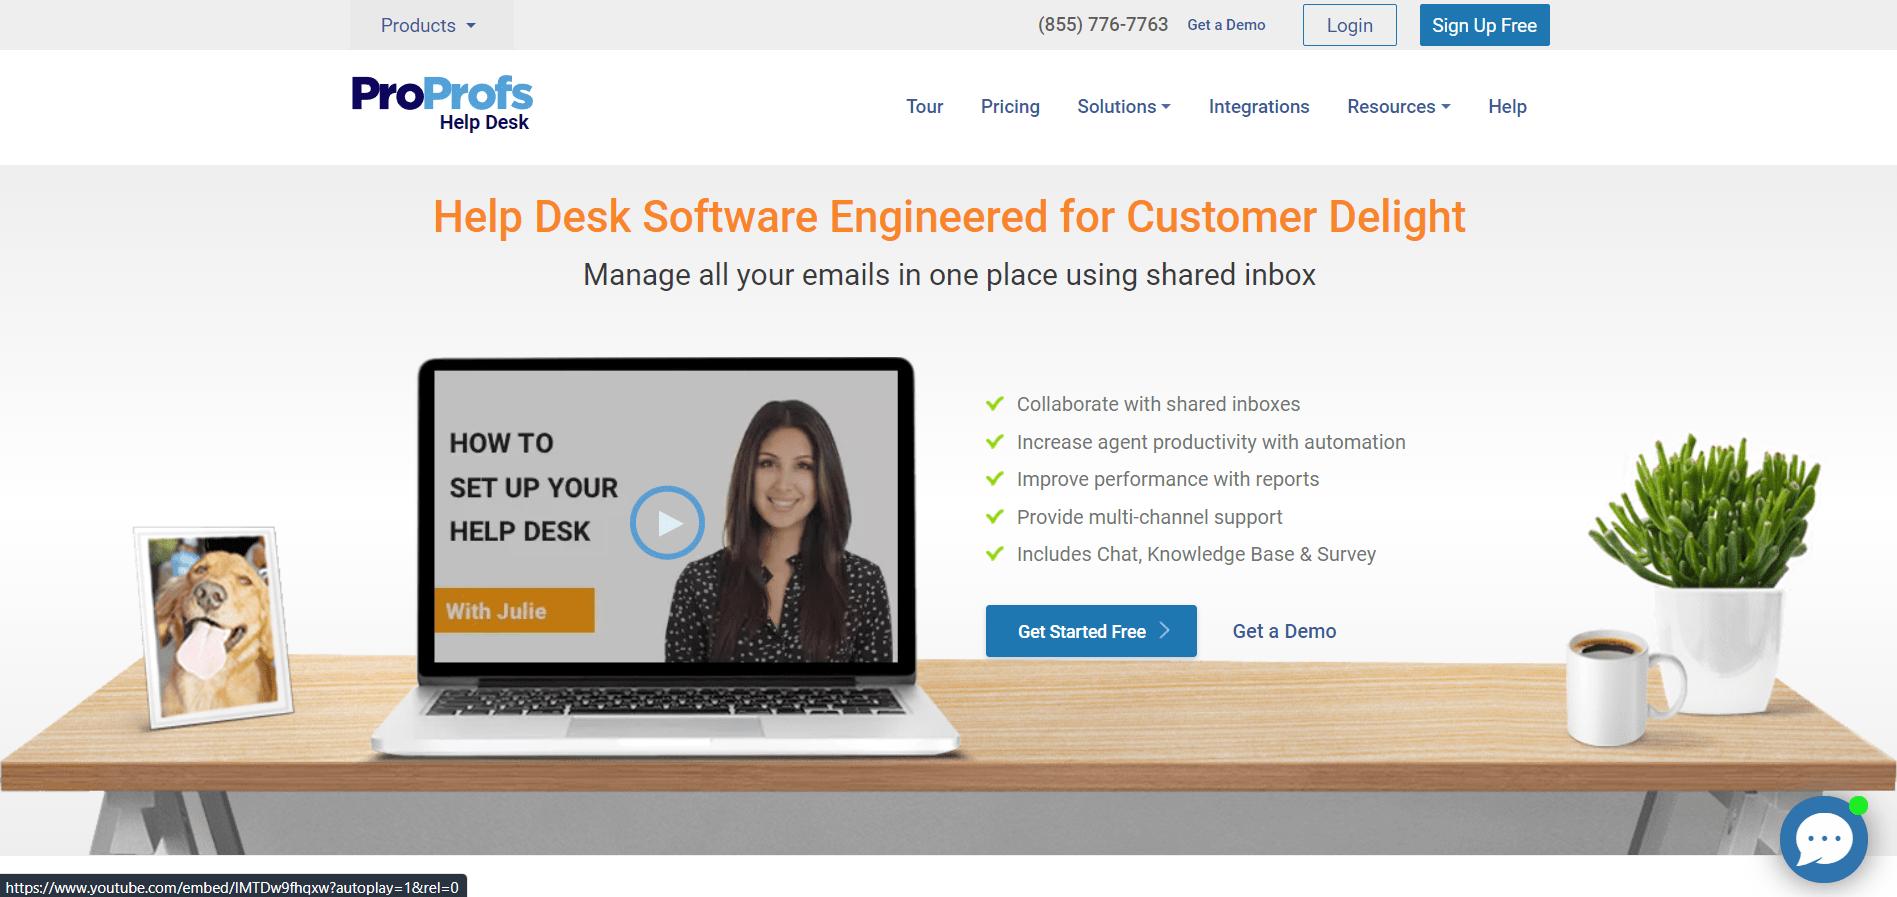 Proprofs help desk